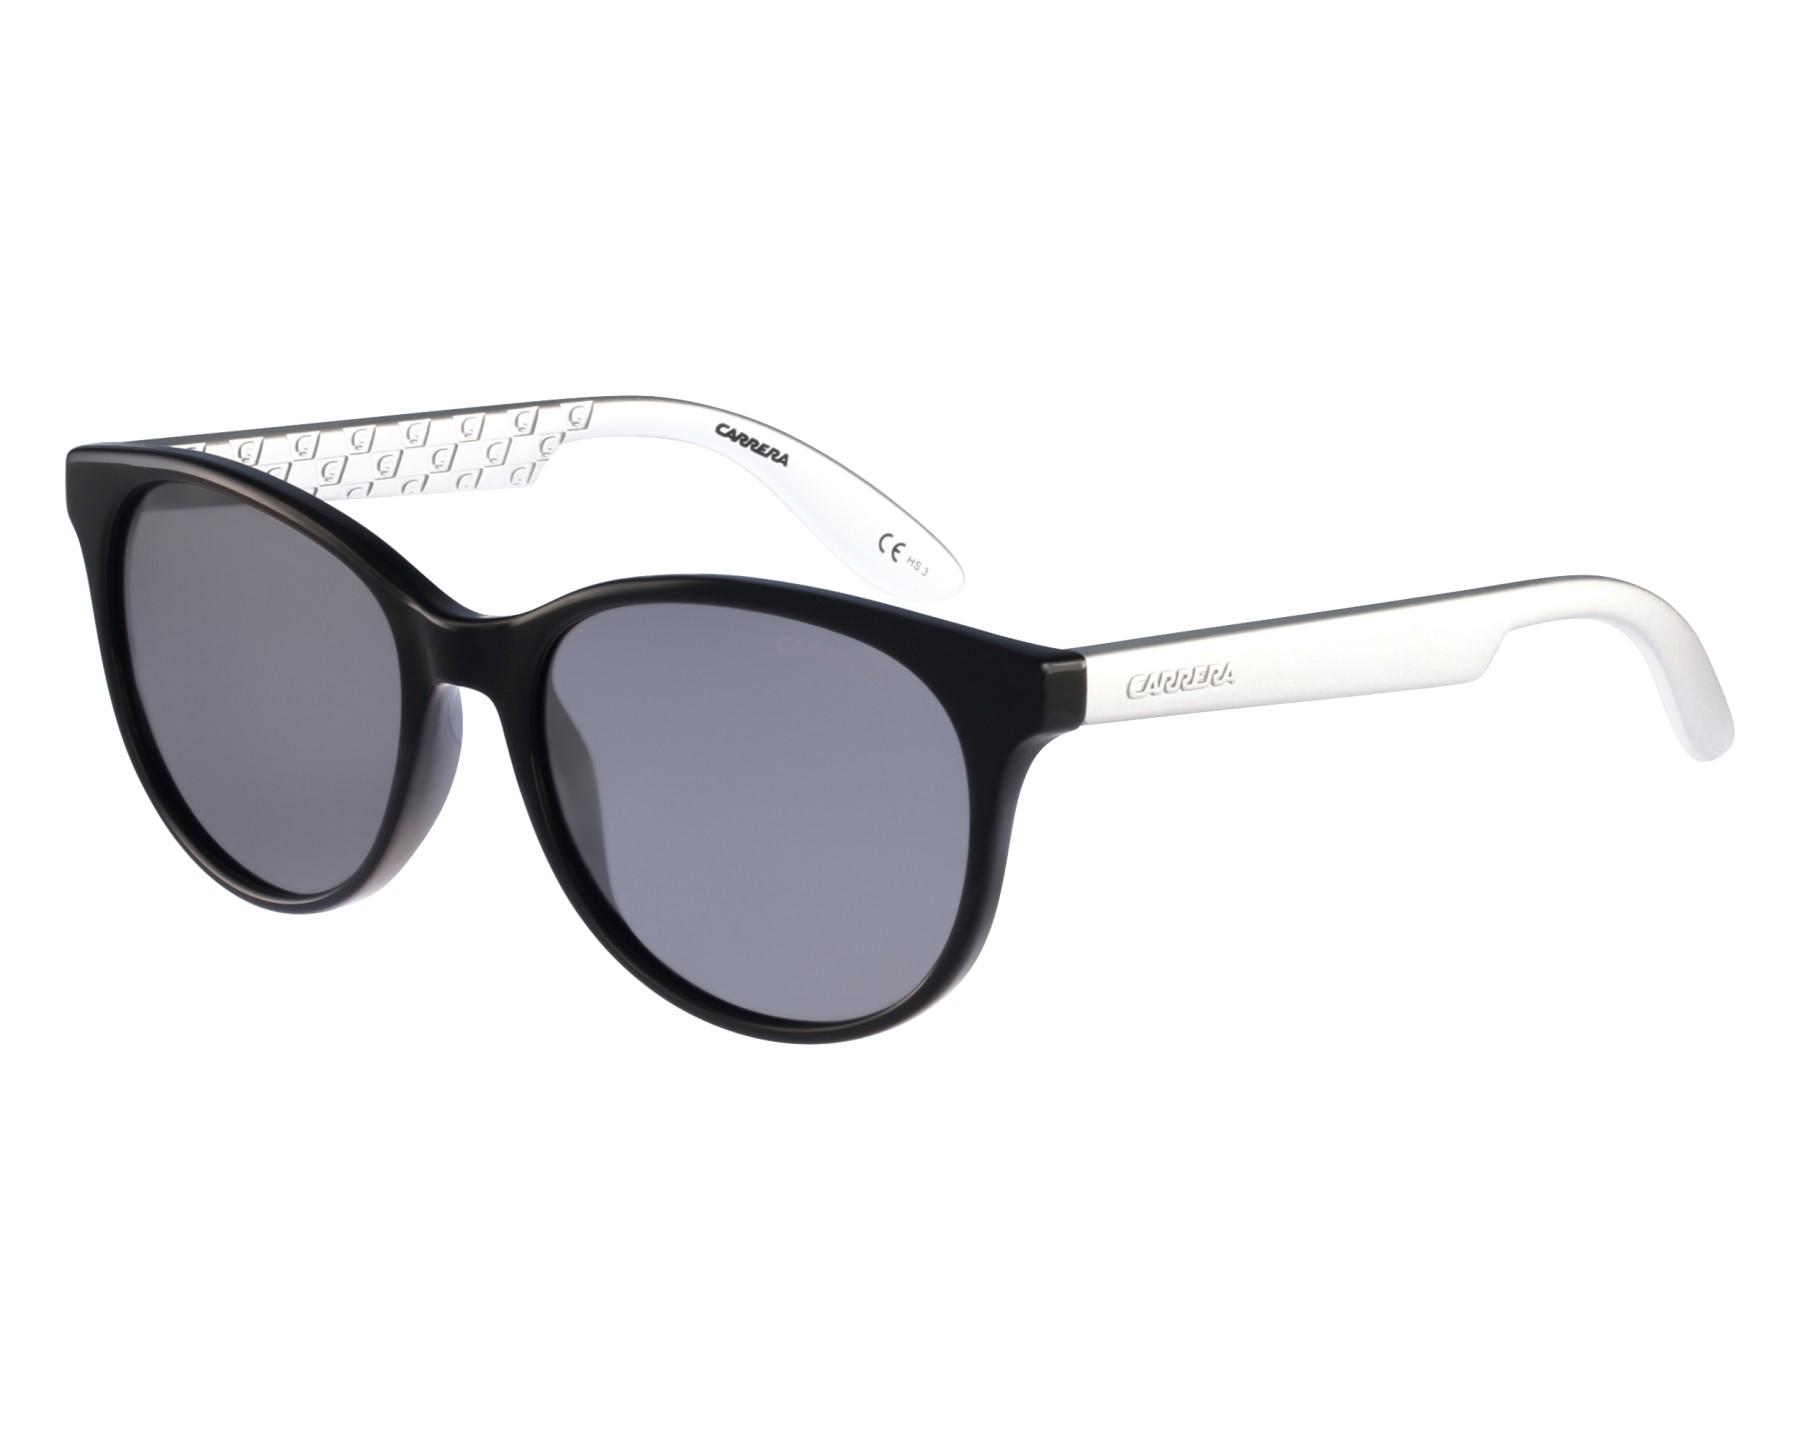 0c96f6544b Gafas de sol Carrera CARRERINO-12 MBP/T4 - Negra Plata vista de frente